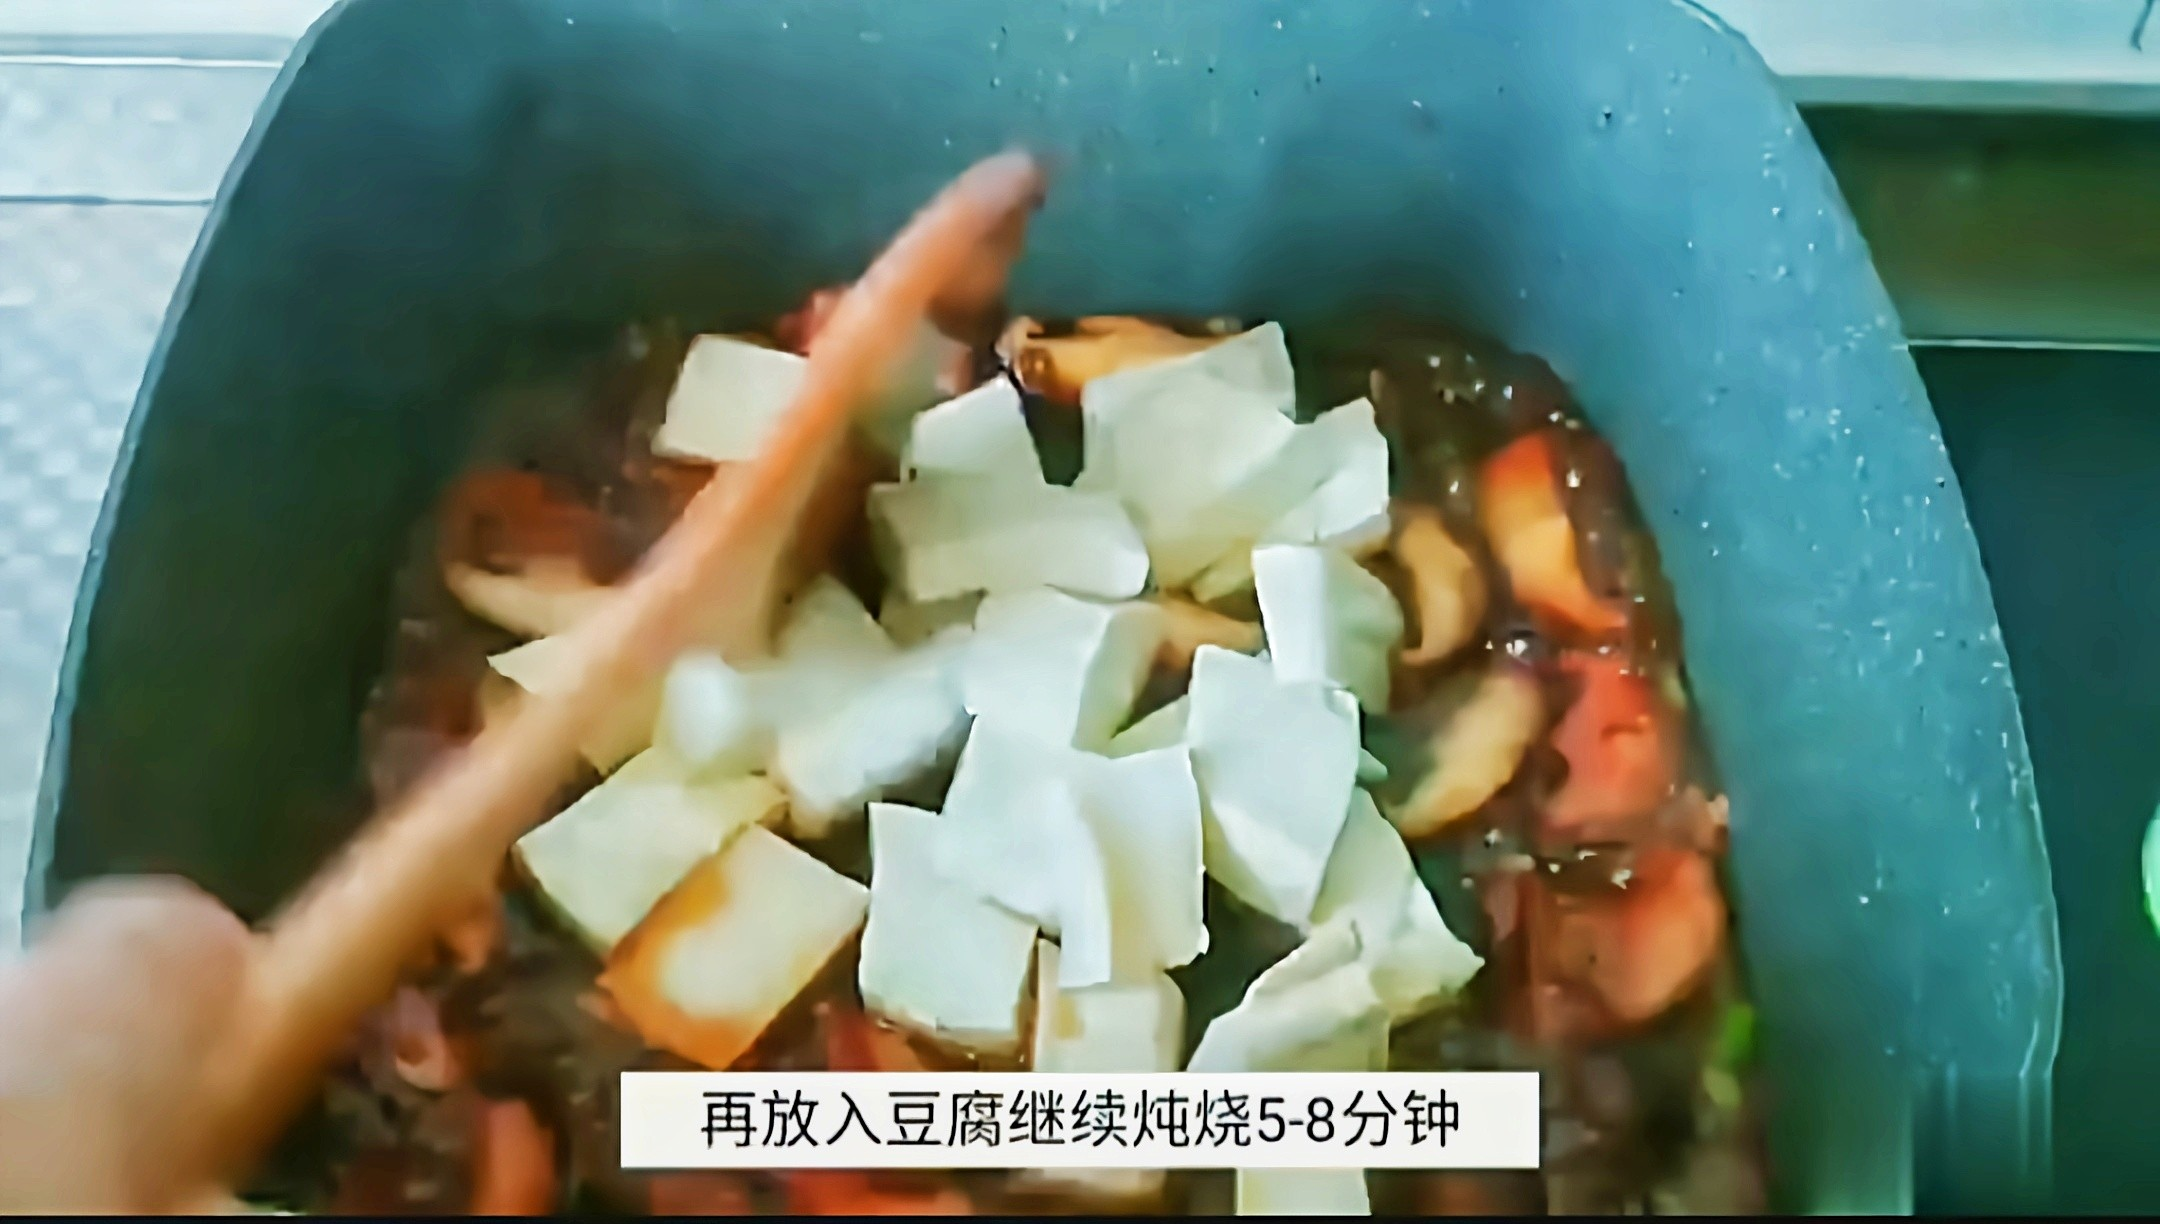 #豆腐的神仙做法#鲍汁香菇炖豆腐怎么炒